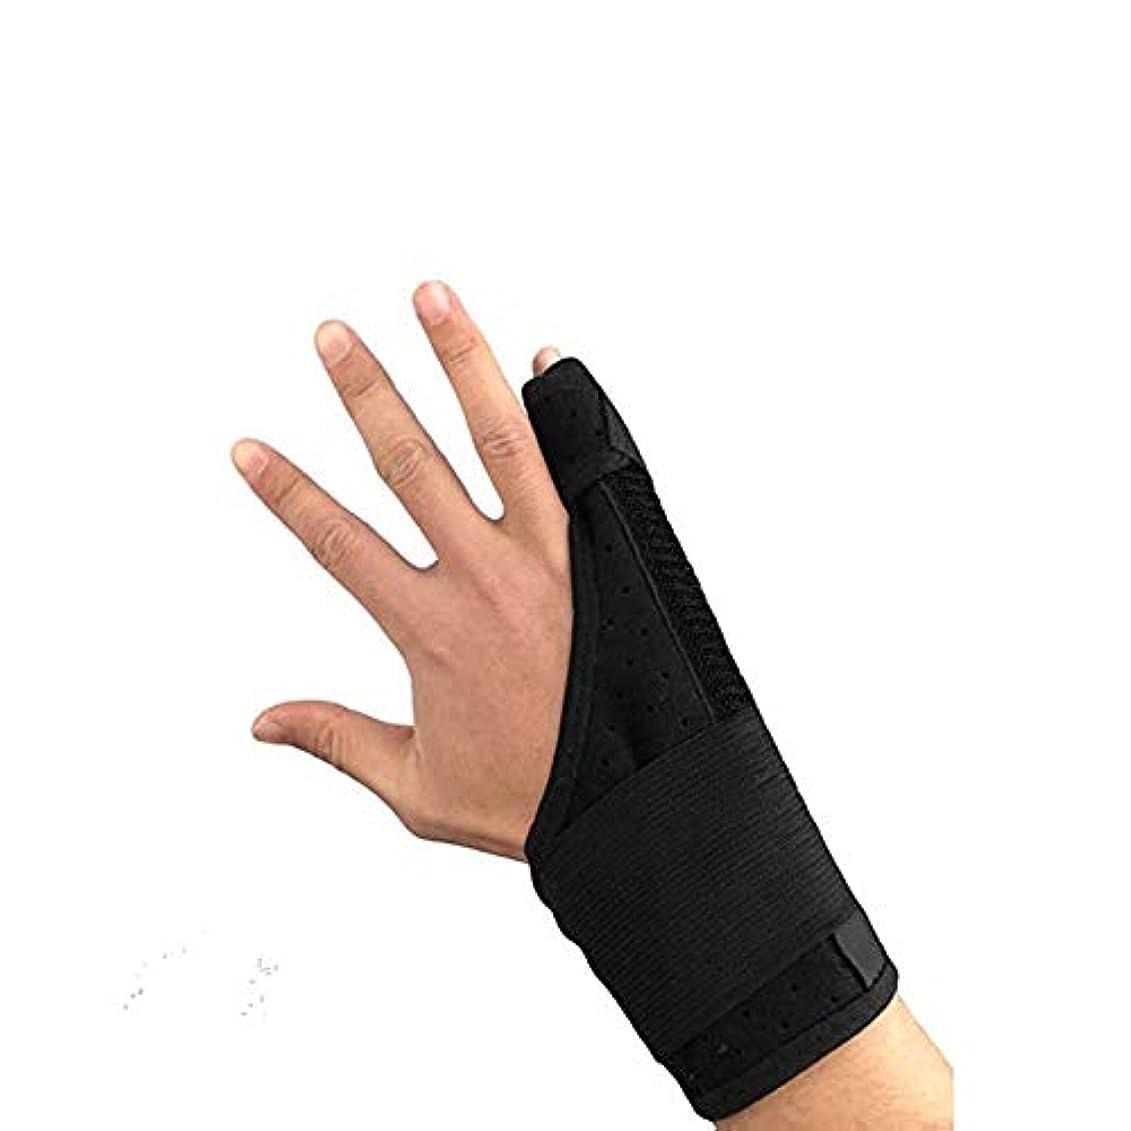 マーティンルーサーキングジュニア生態学鹿痛みを軽減、手根管関節炎のクランプサポート通気性の手首と親指ブロークン?スタビライザーニーパッドを指